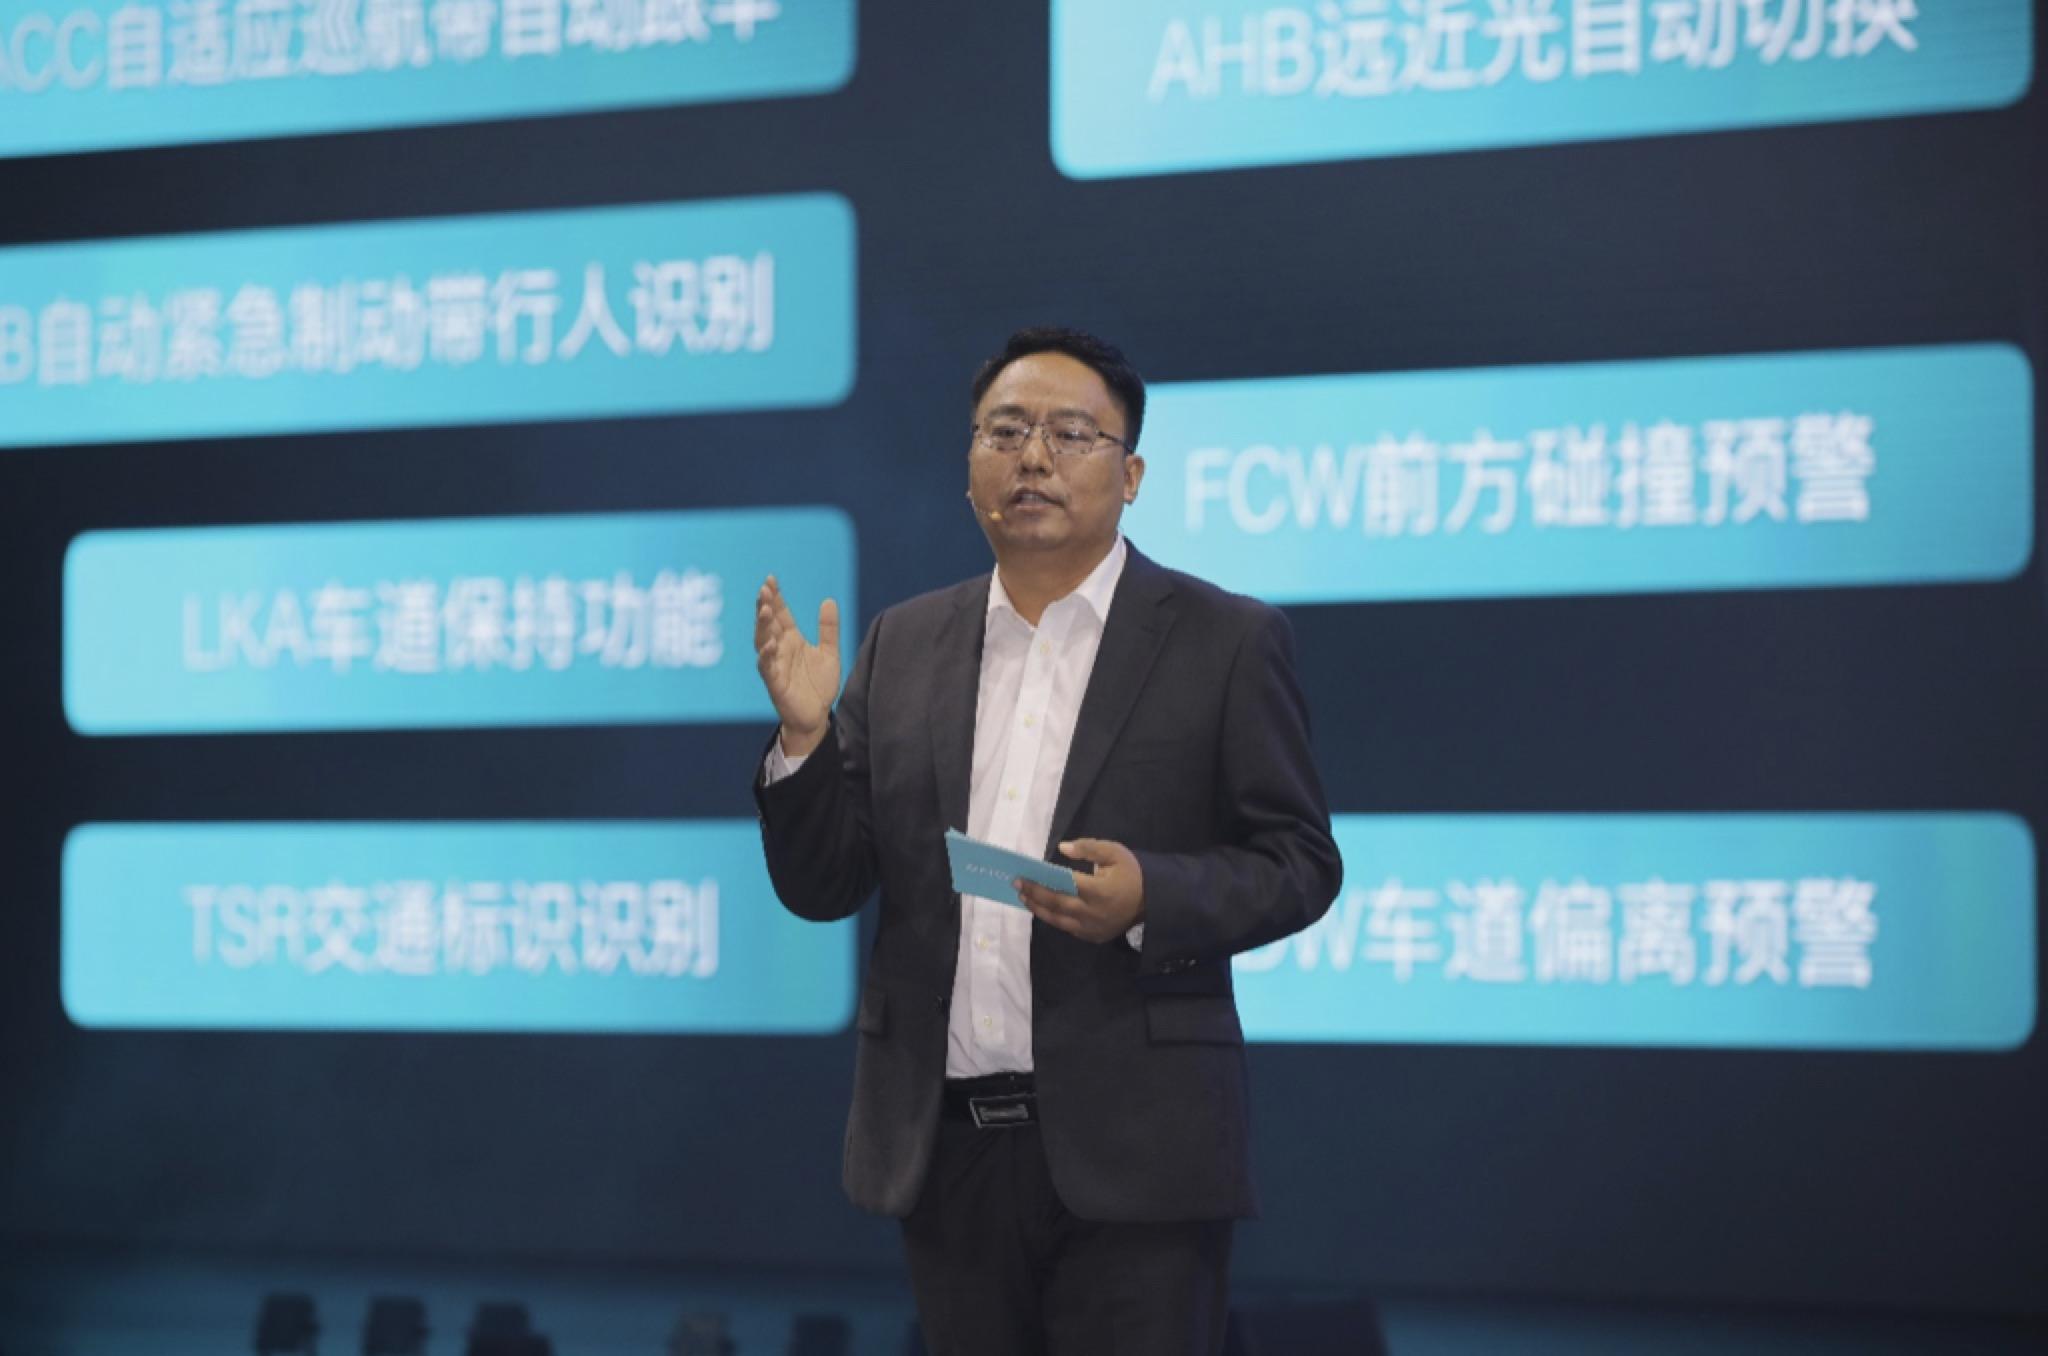 """电咖汽车CTO牛胜福博士介绍以iMA智能数字化架构所构成的""""智慧大脑""""为核心的ME7""""数字引擎"""""""